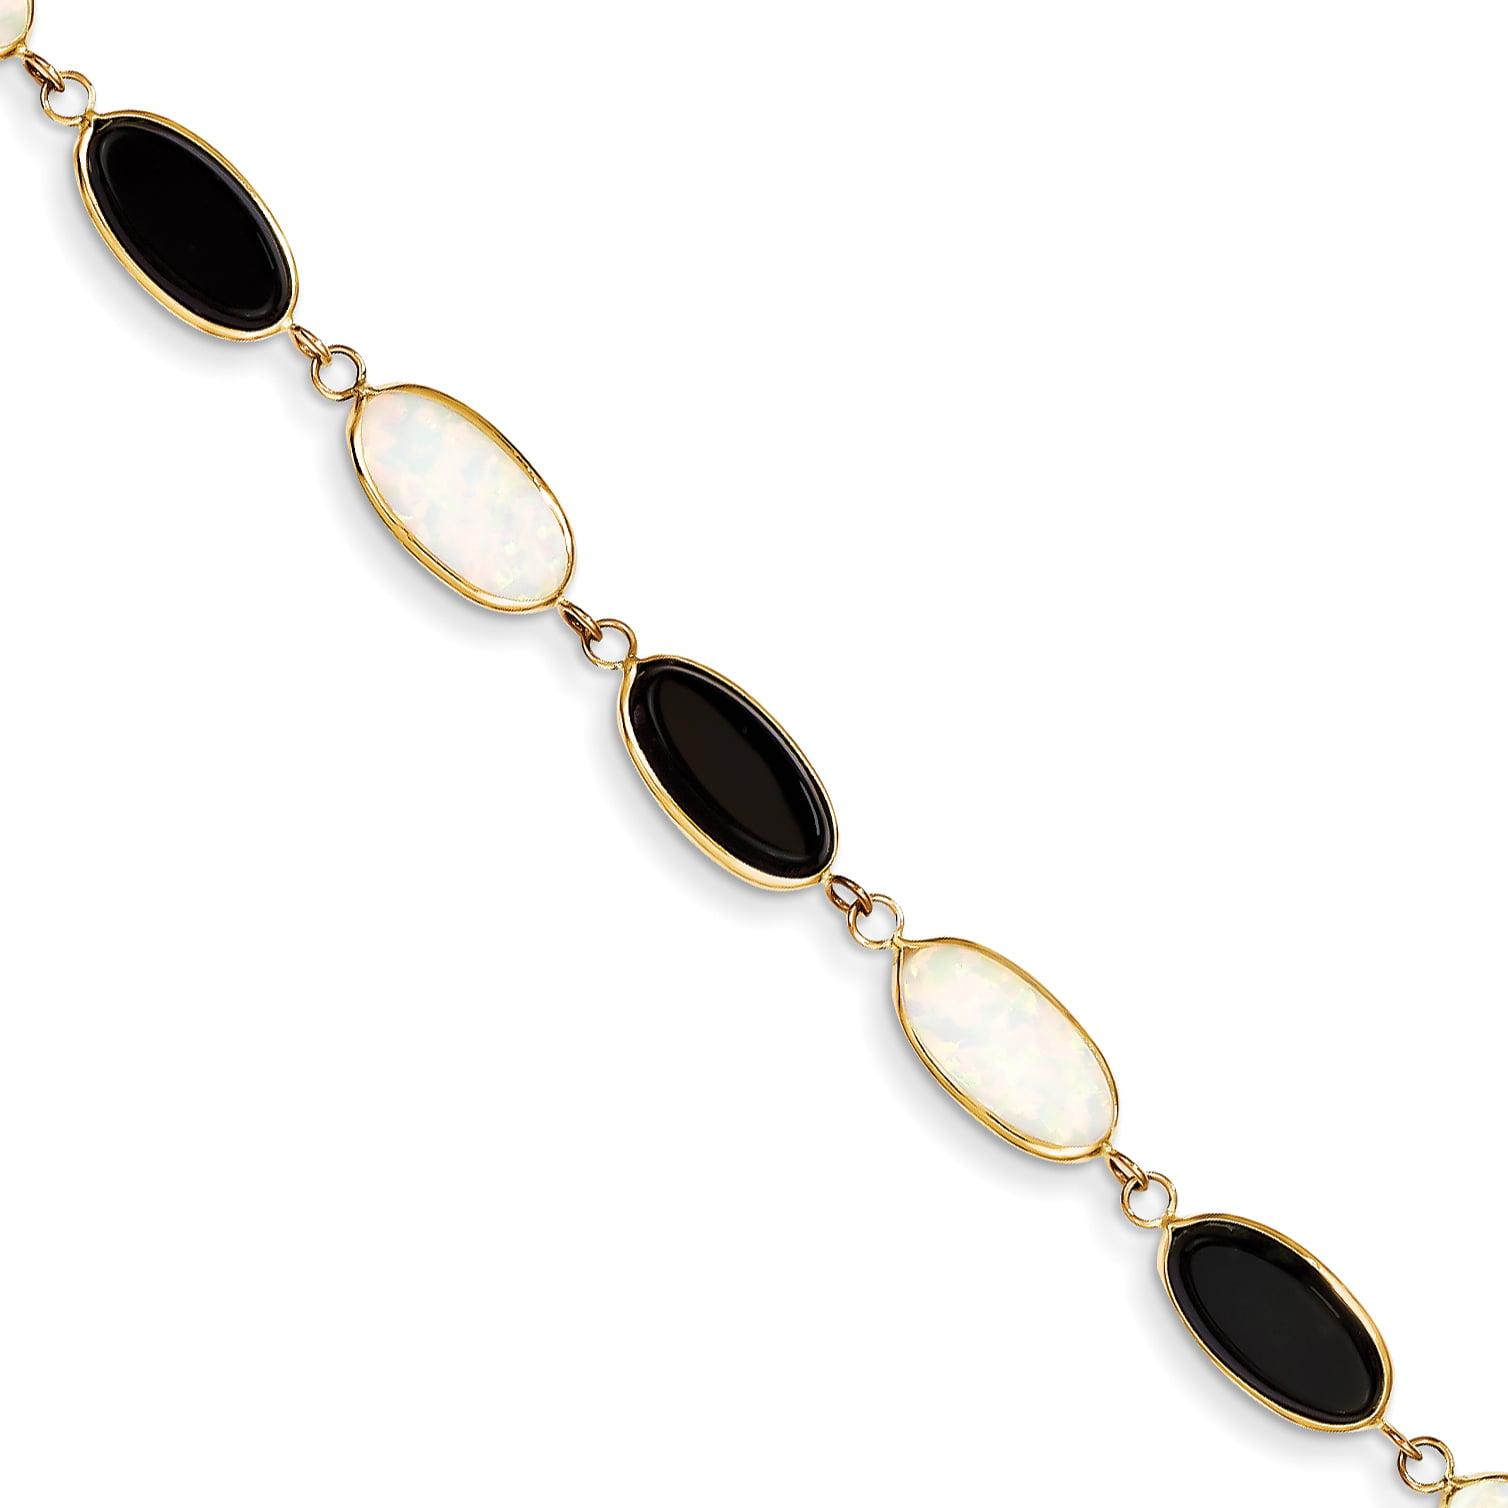 14k 7.5in Onyx & Imitation Opal Bracelet XF2627 by Core Gold